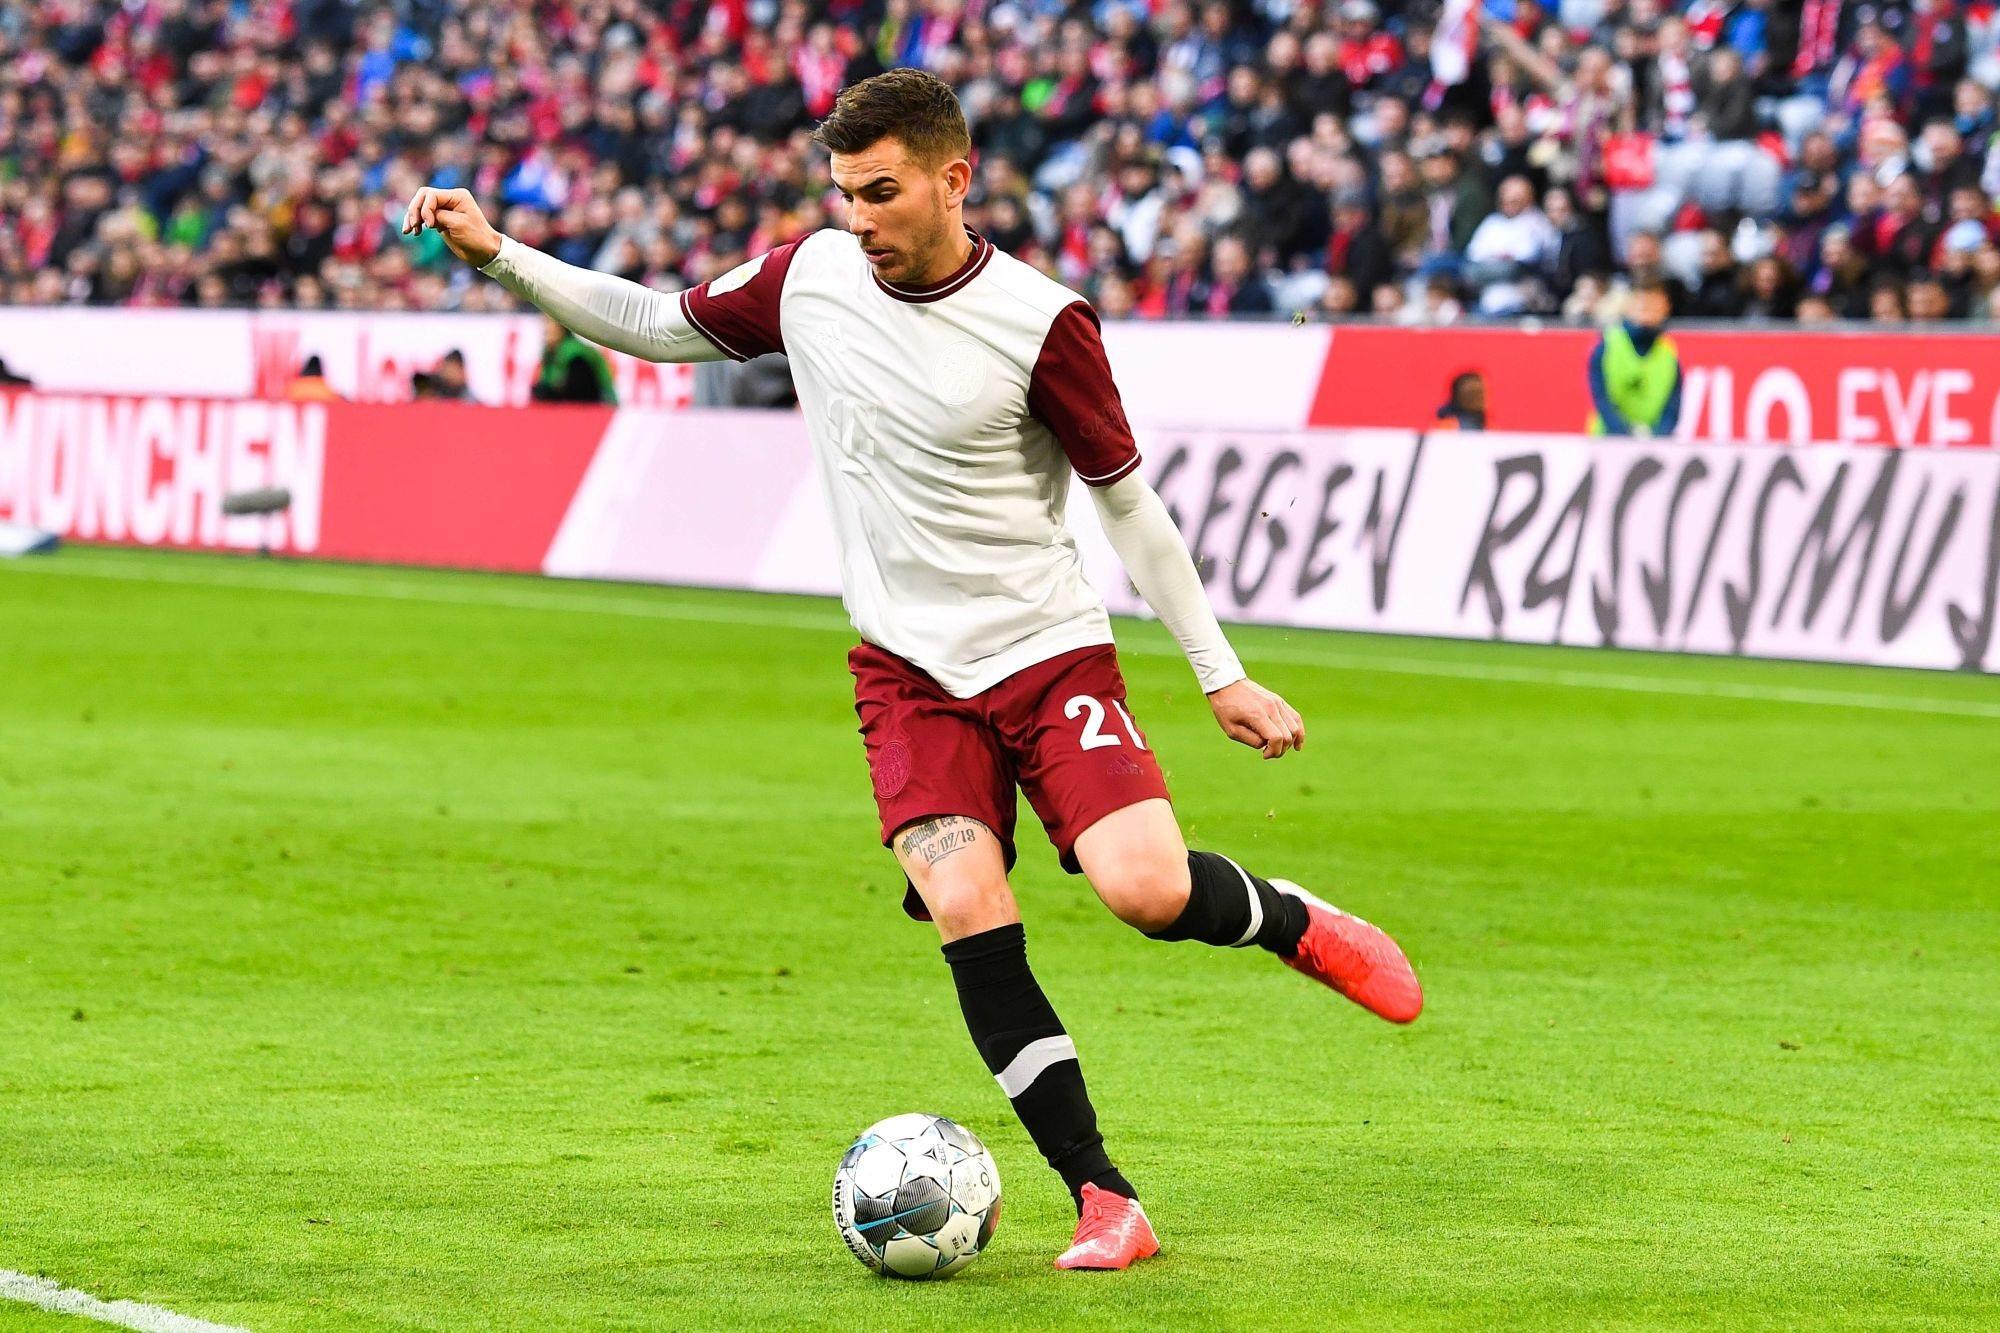 Mercato - Le Bayern Munich ferme la porte au transfert de Lucas Hernandez